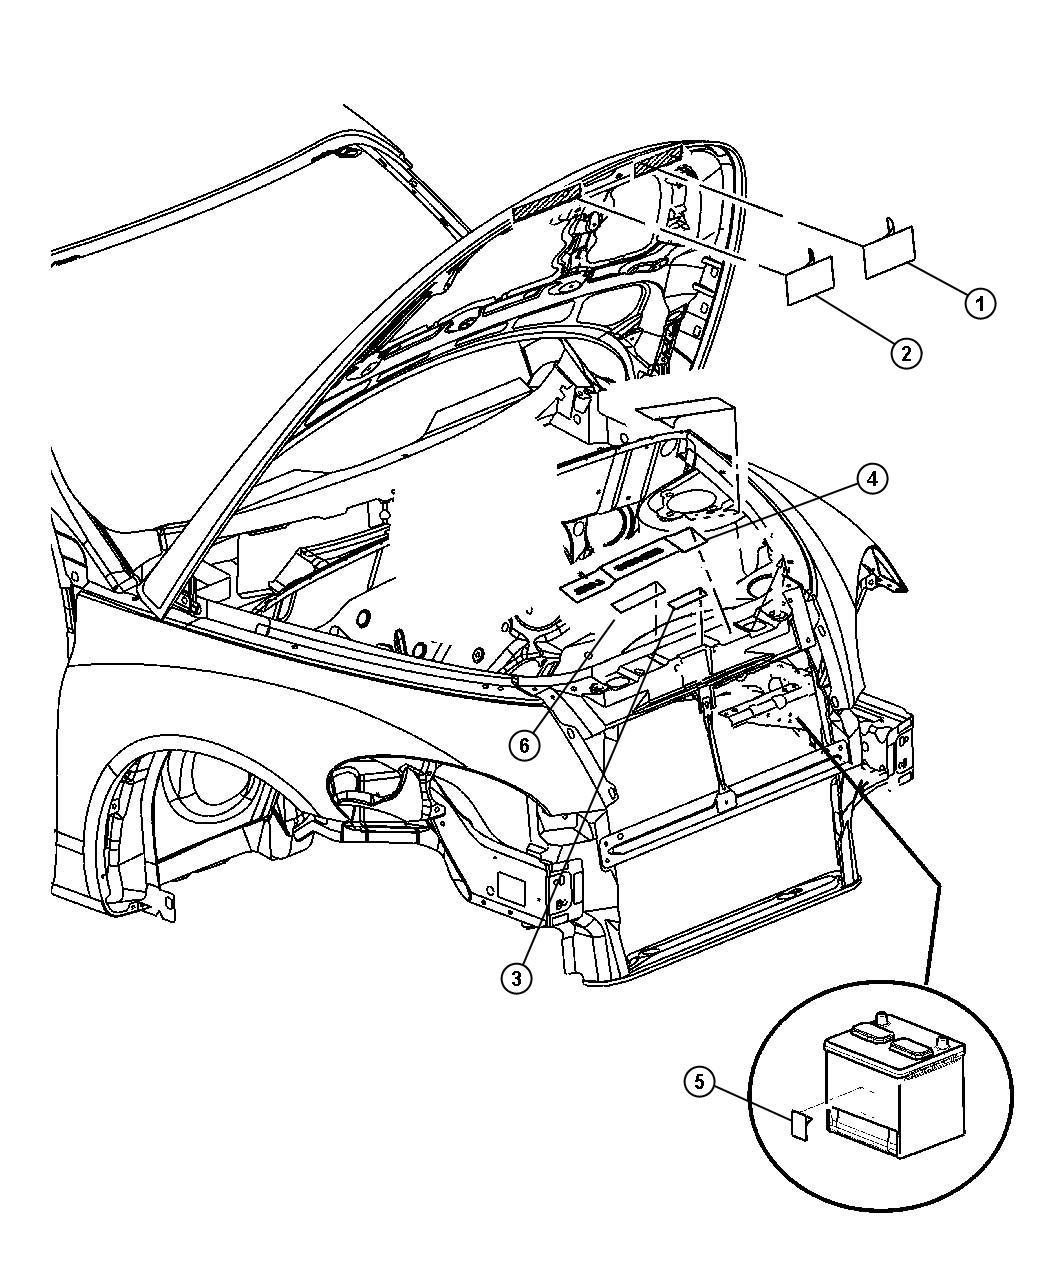 Chrysler Pt Cruiser Label. Emission. [california emissions